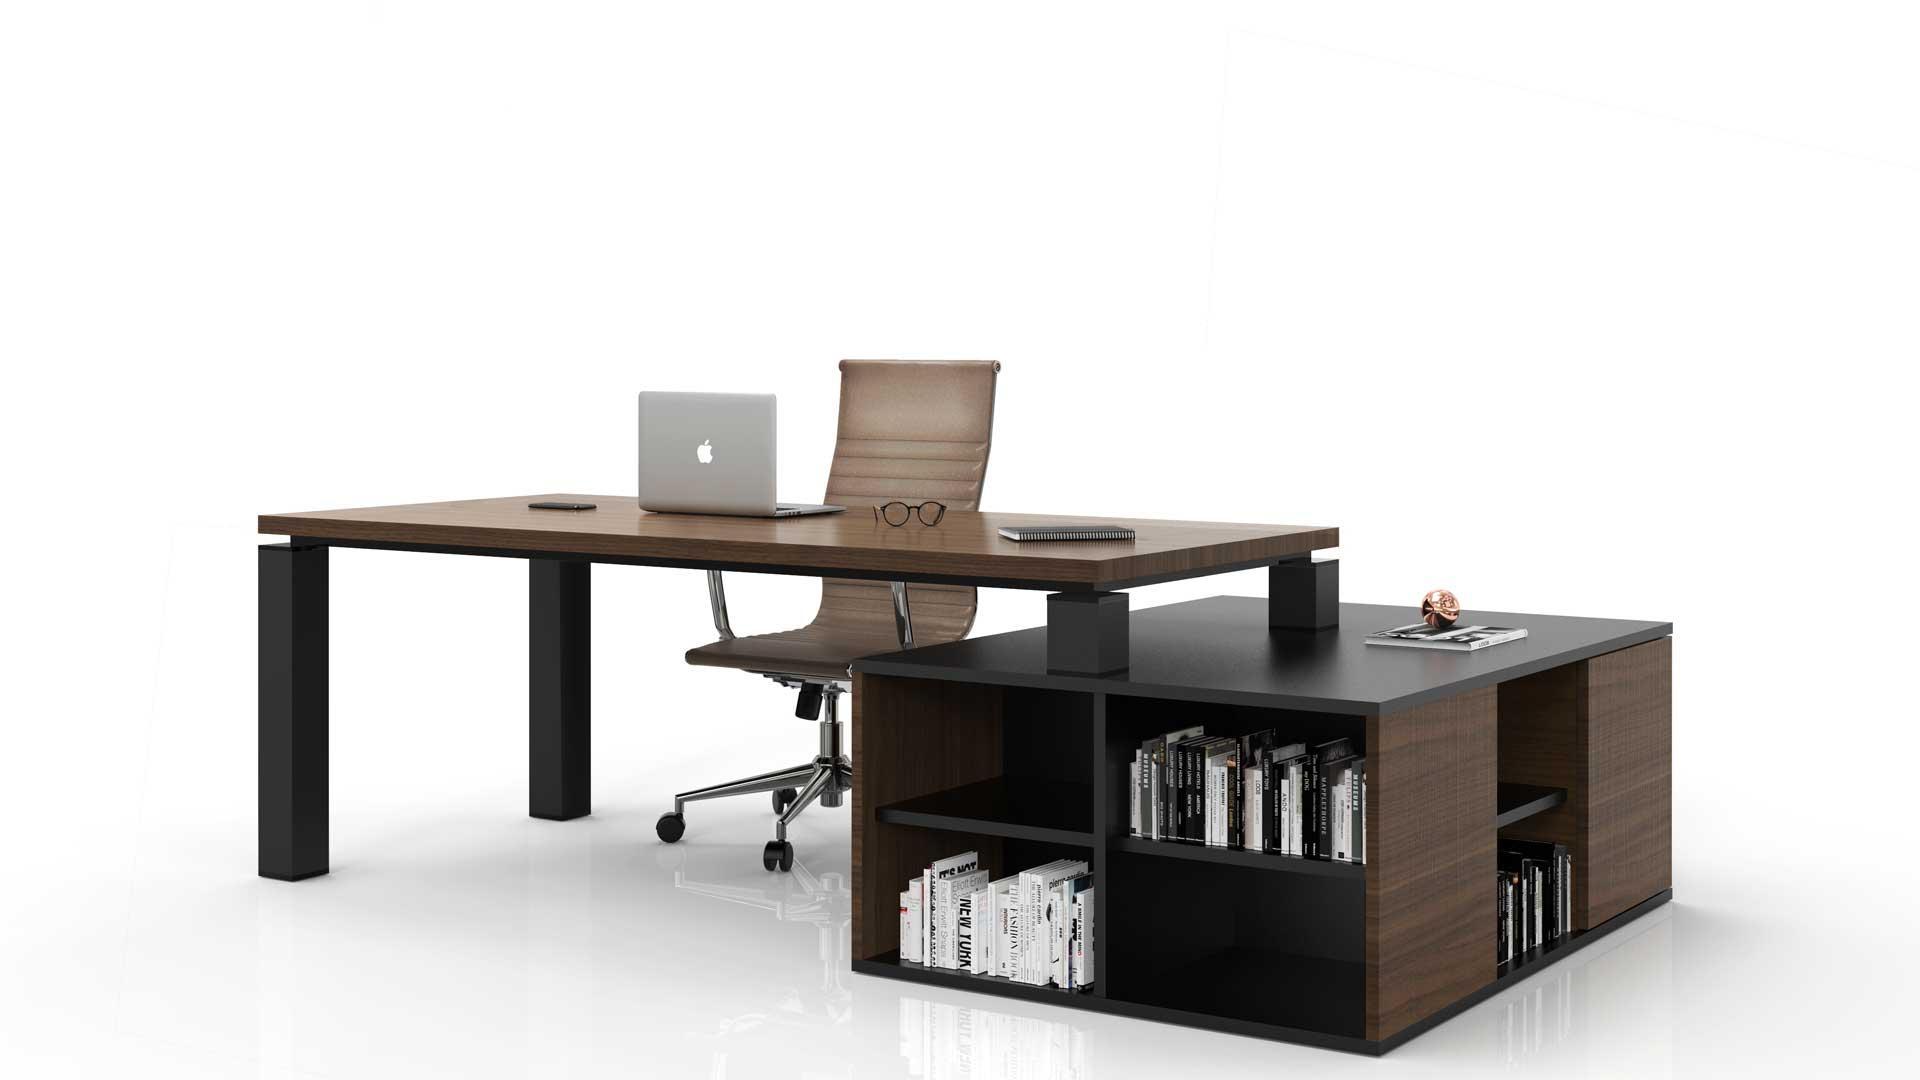 Tavoli-direzionali-per-ufficio-XL02-Level-Office-Landscape